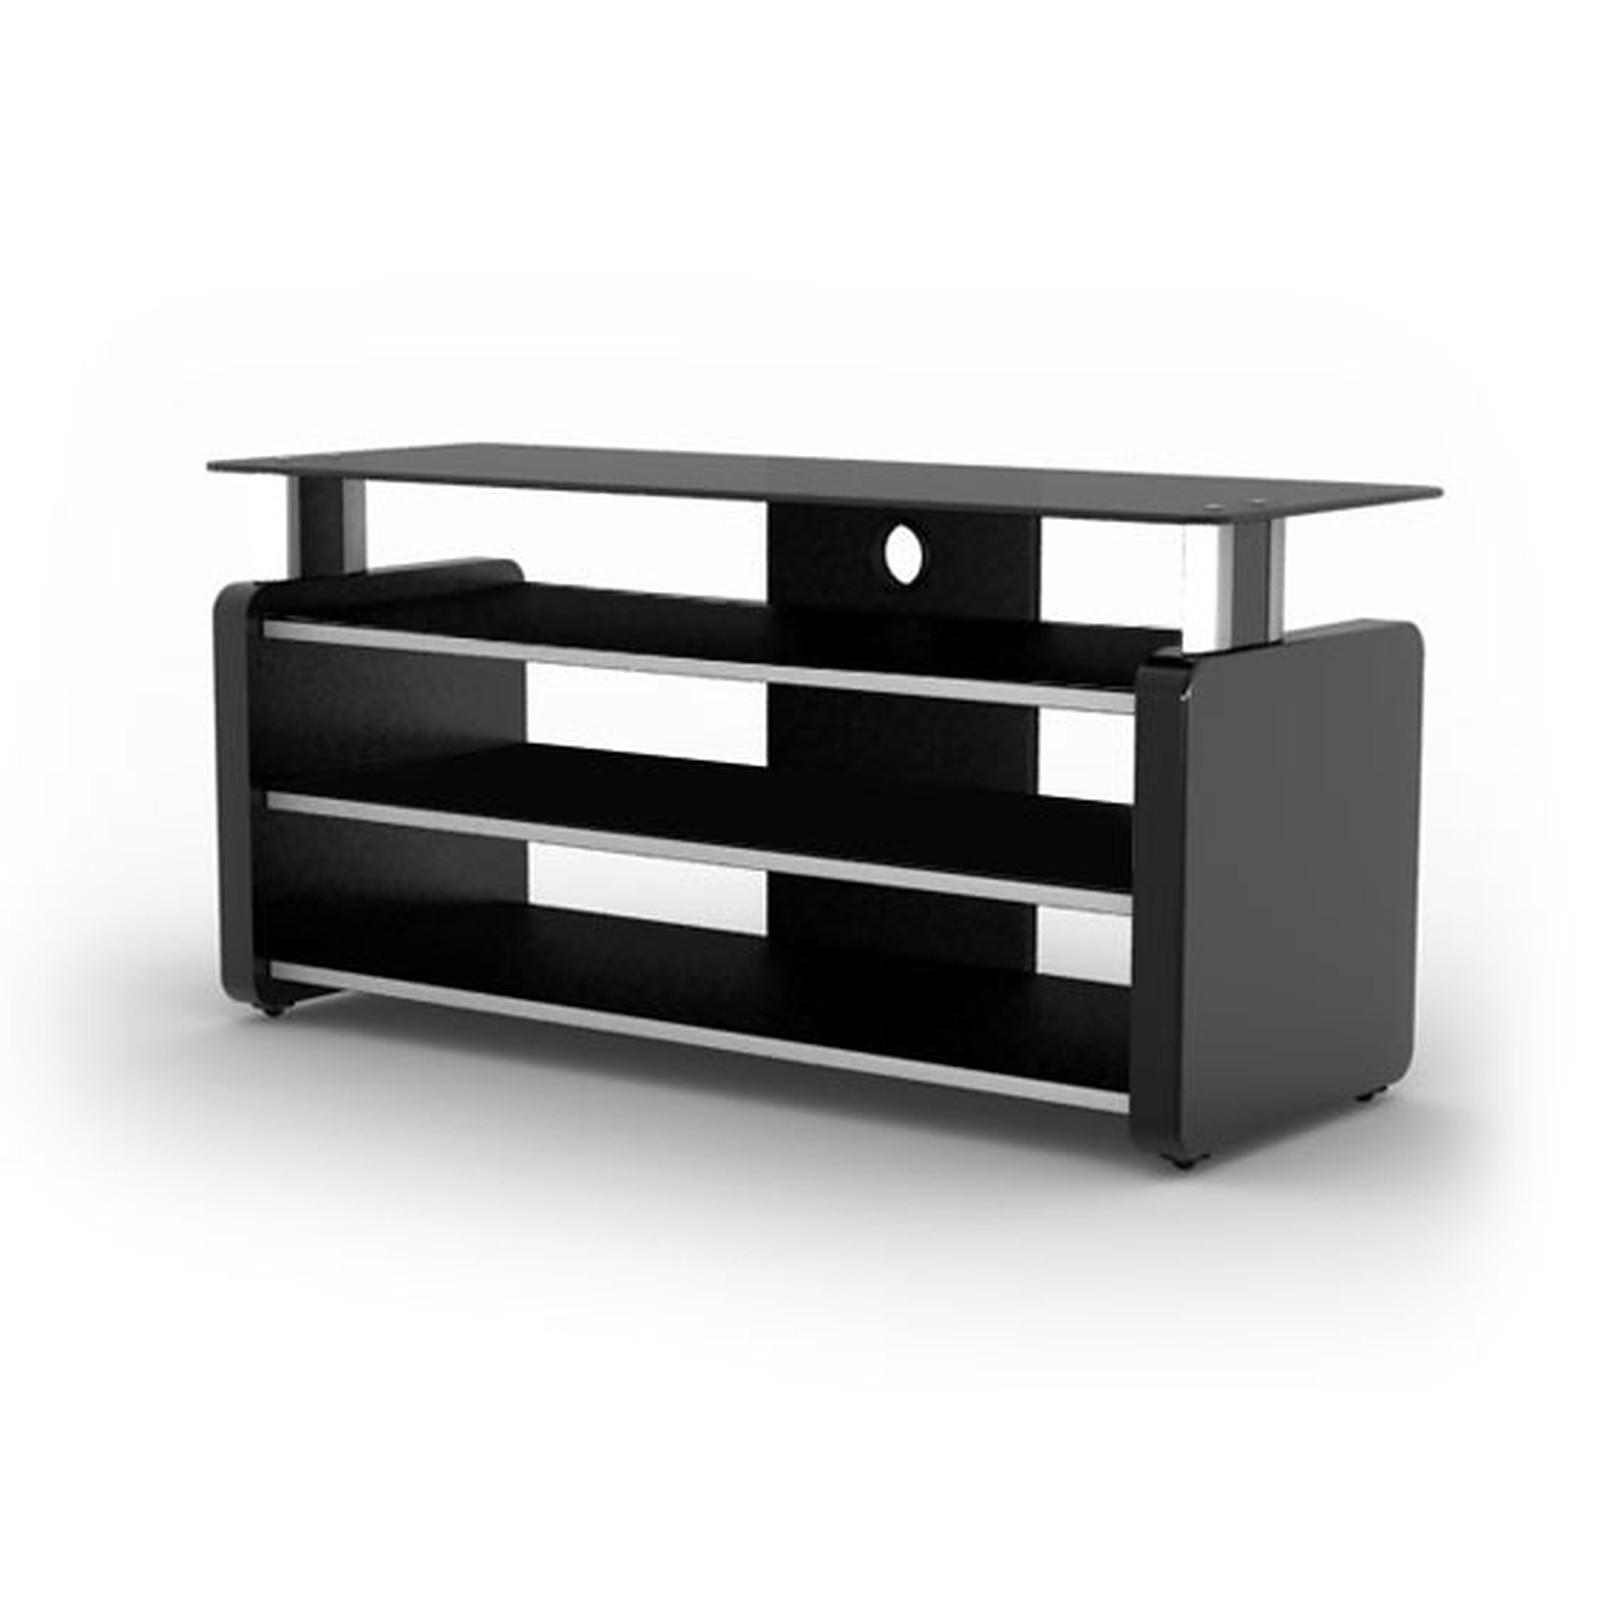 Elmob aura au 105 02 noir meuble tv elmob sur - Meuble tv pour home cinema ...